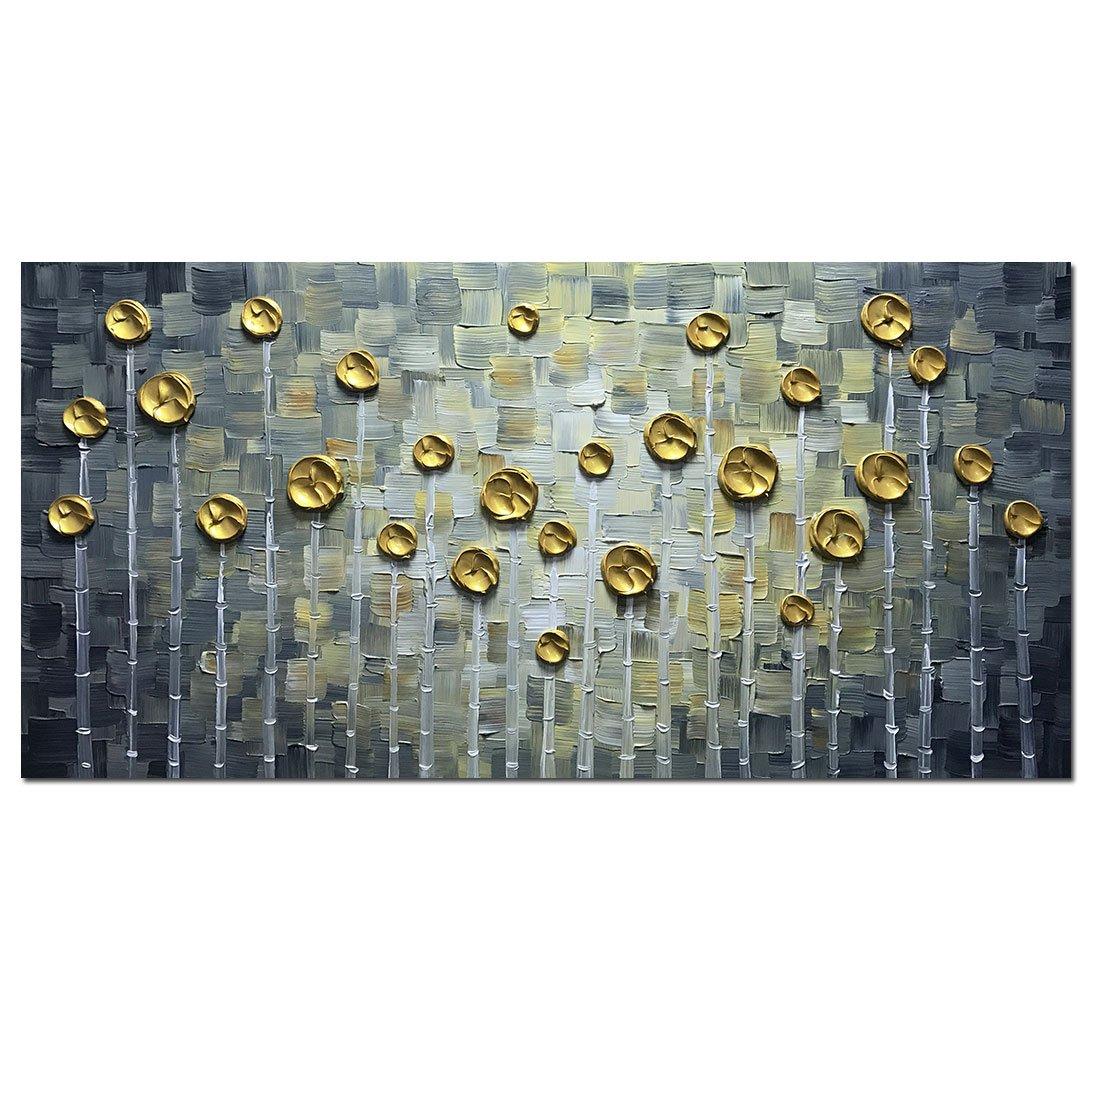 Asdam Art 20x40inch (50x100cm) ASD063-50100 B06XHGWMTG 20x40inch (50x100cm)|ASD063 ASD063 20x40inch (50x100cm)